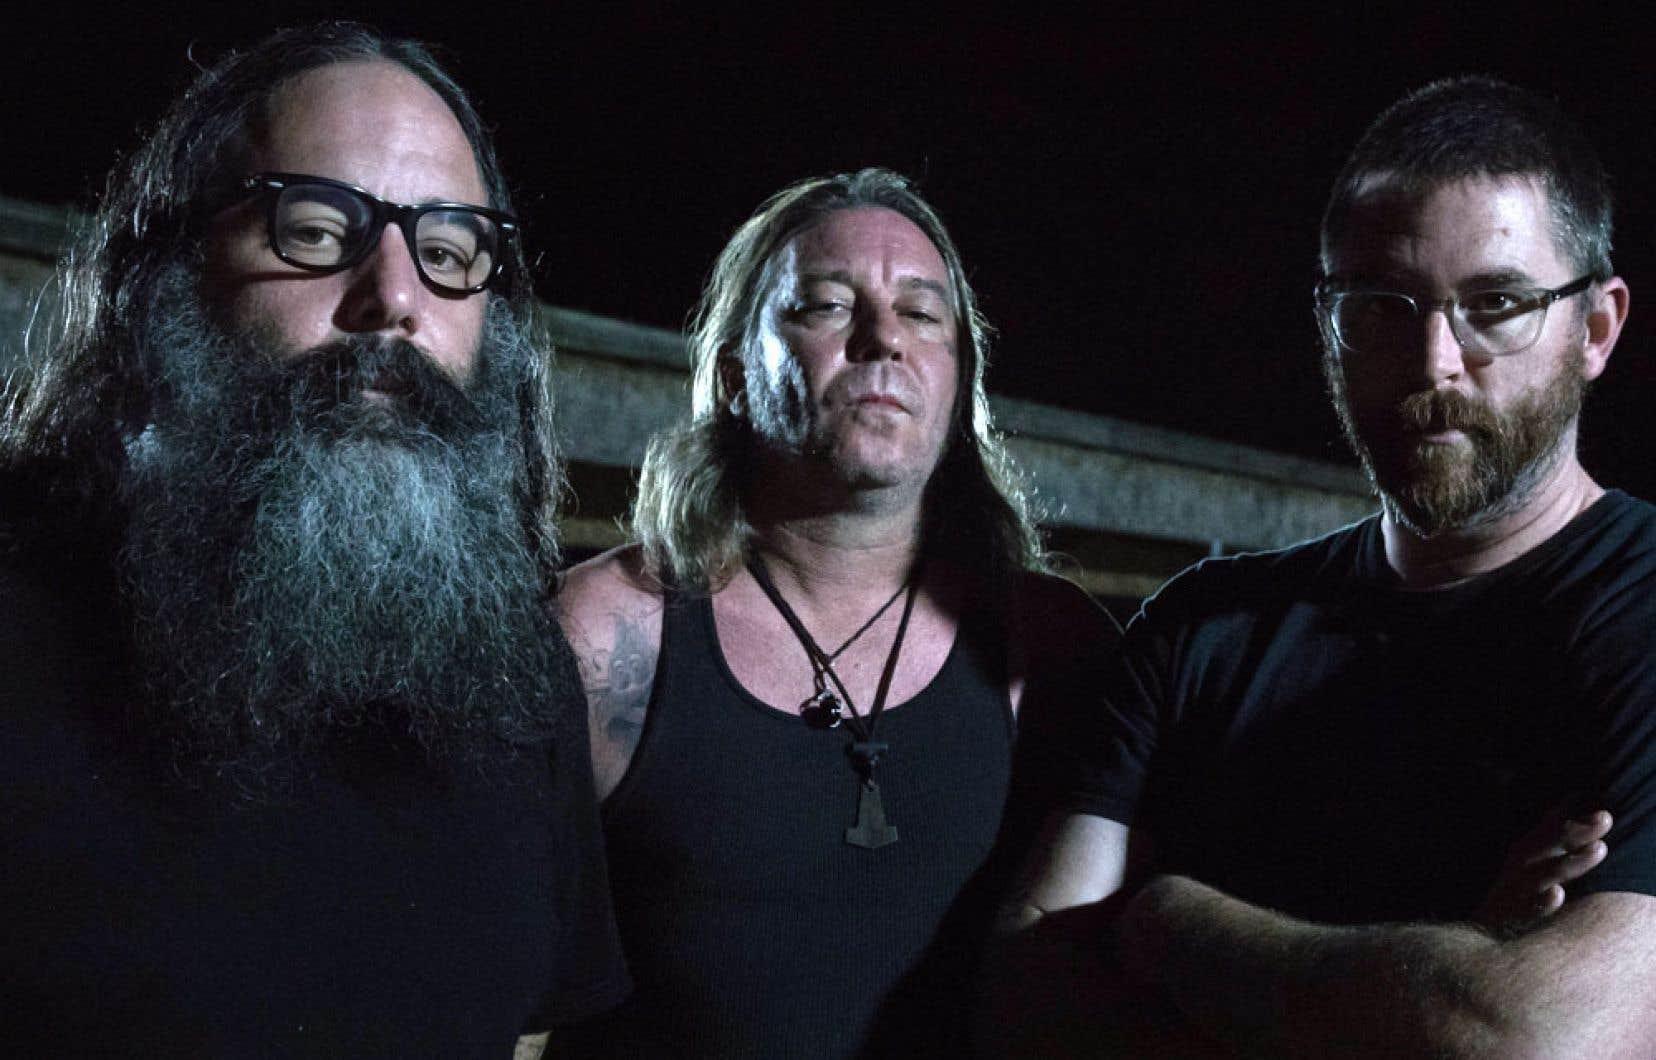 Le groupe de «stoner doom metal» américain, Sleep, est en spectacle à Montréal vendredi.